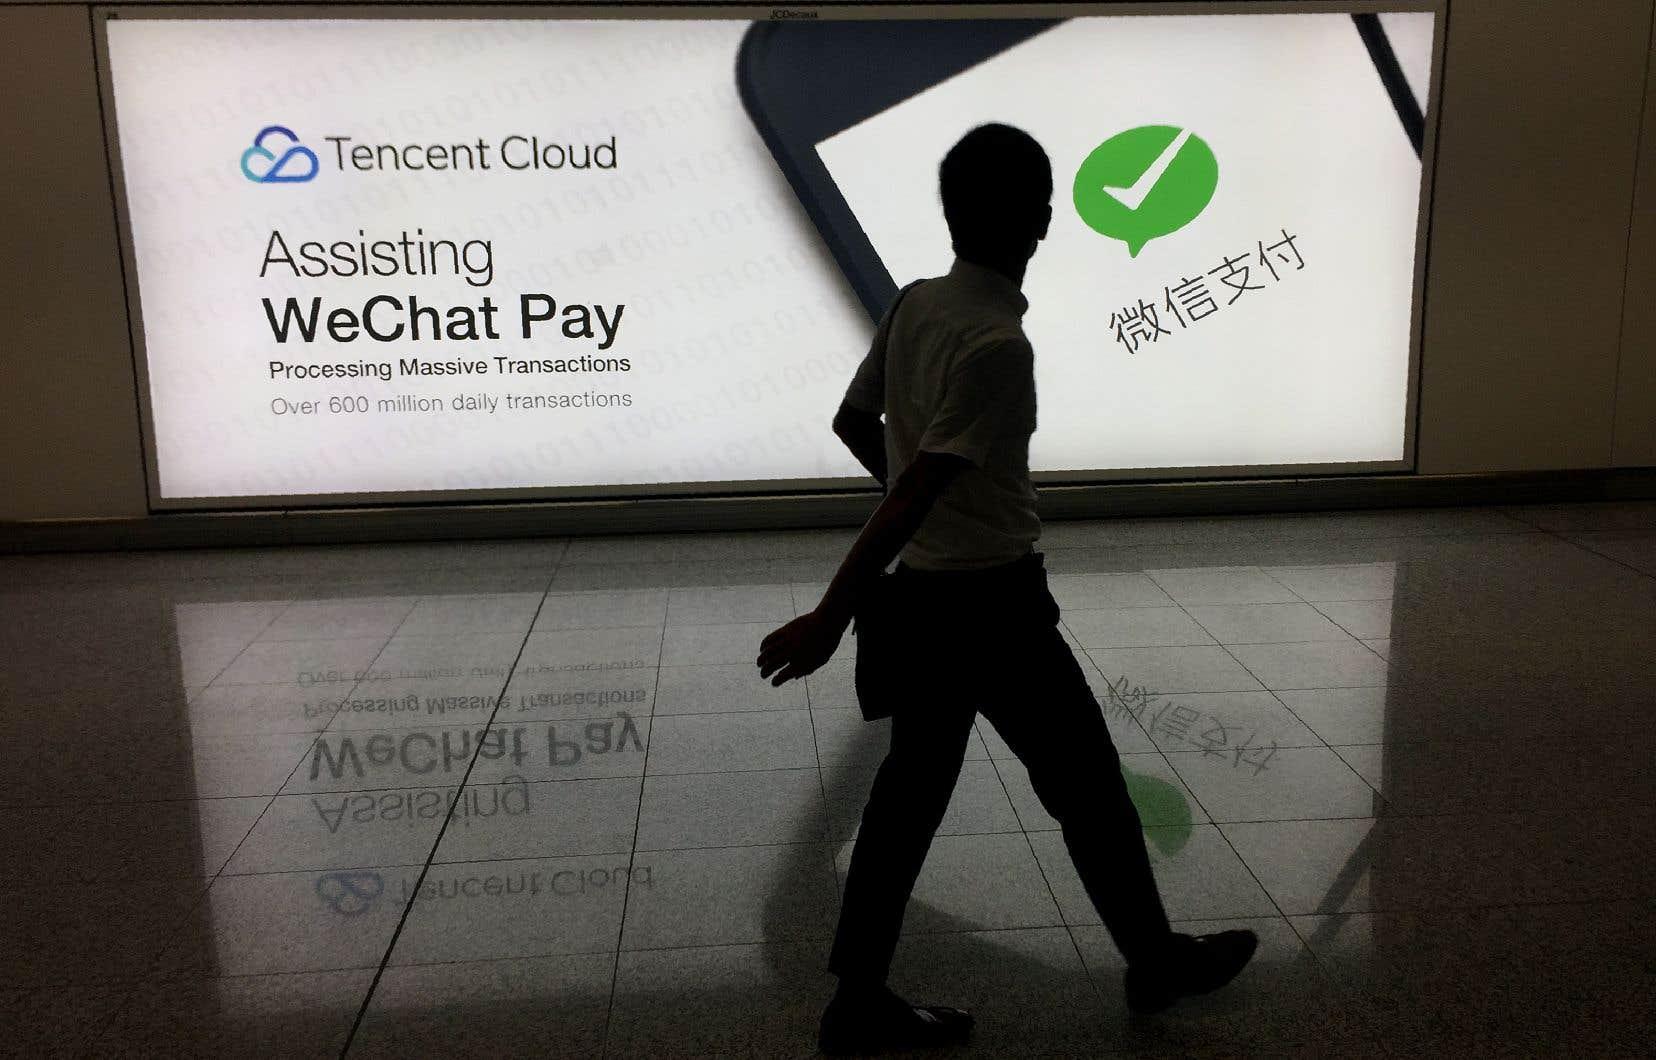 Une publicité pour la plateforme de médias sociaux WeChat appartenant à la société chinoise Tencent, à l'aéroport international de Hong Kong